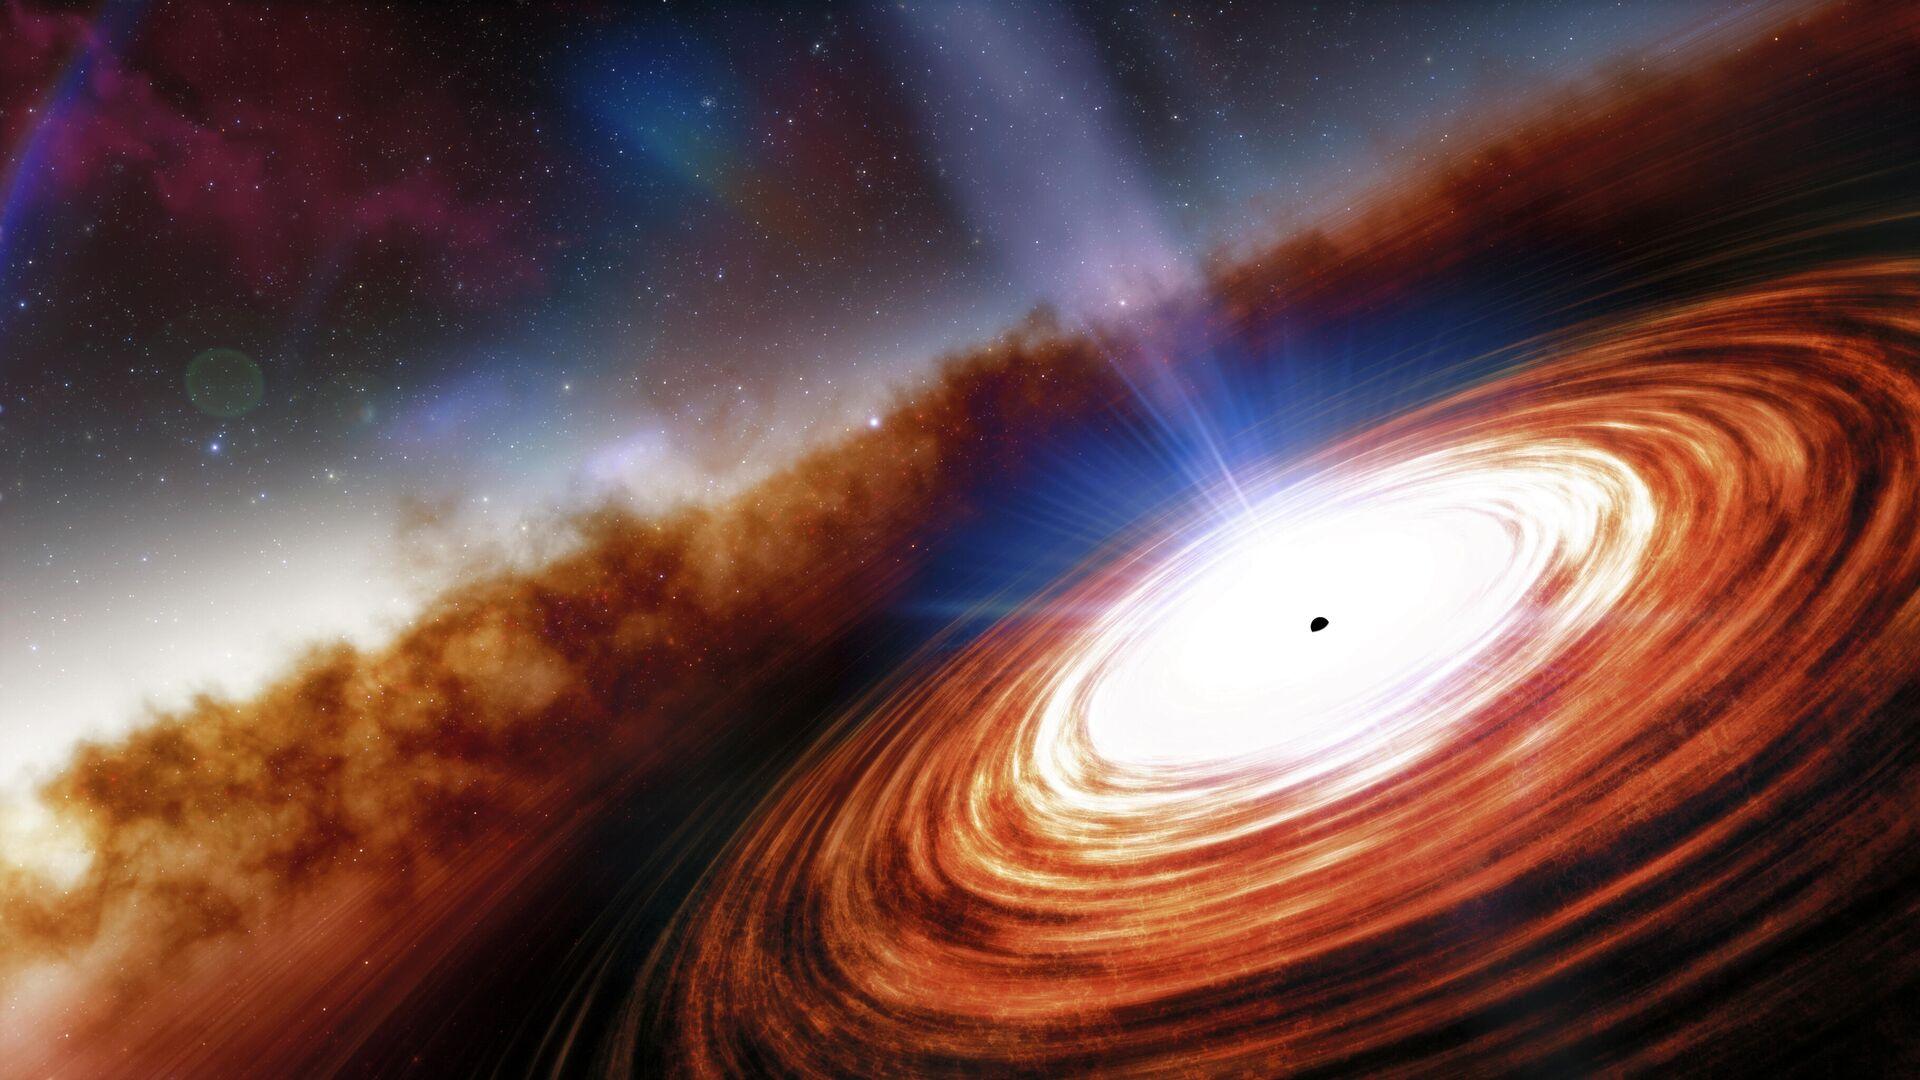 Так в представлении художника выглядел квазар J0313–1806 сразу после образования - РИА Новости, 1920, 12.01.2021